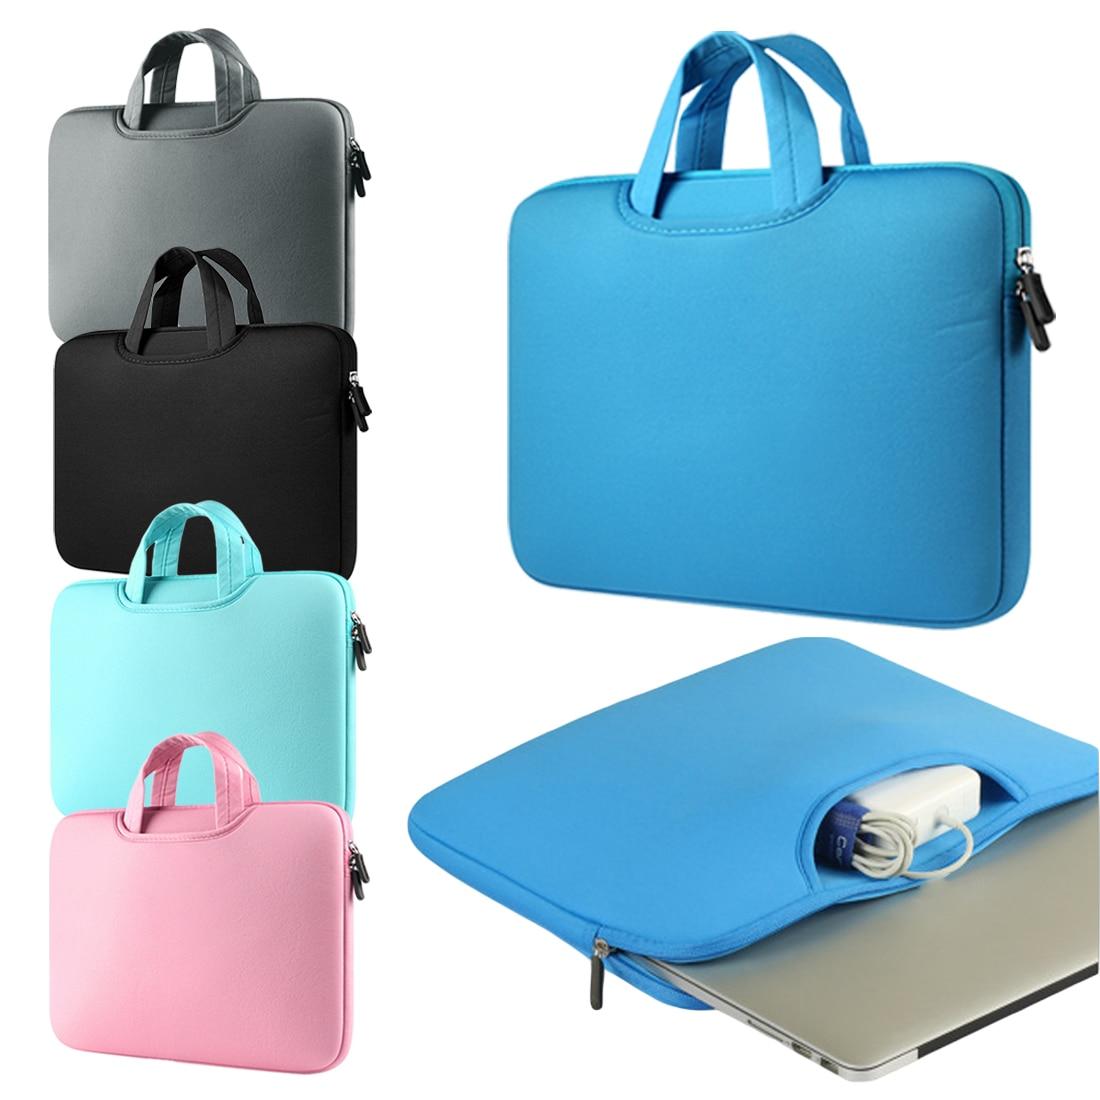 Bolsas para laptop 11.6 13.3 15.4 15.6 Saco do Caderno de 13.3 Para MacBook Air Pro 13 Polegada Caso Bolsa Para Laptop 11,13, 15 Polegada Estojo protetor